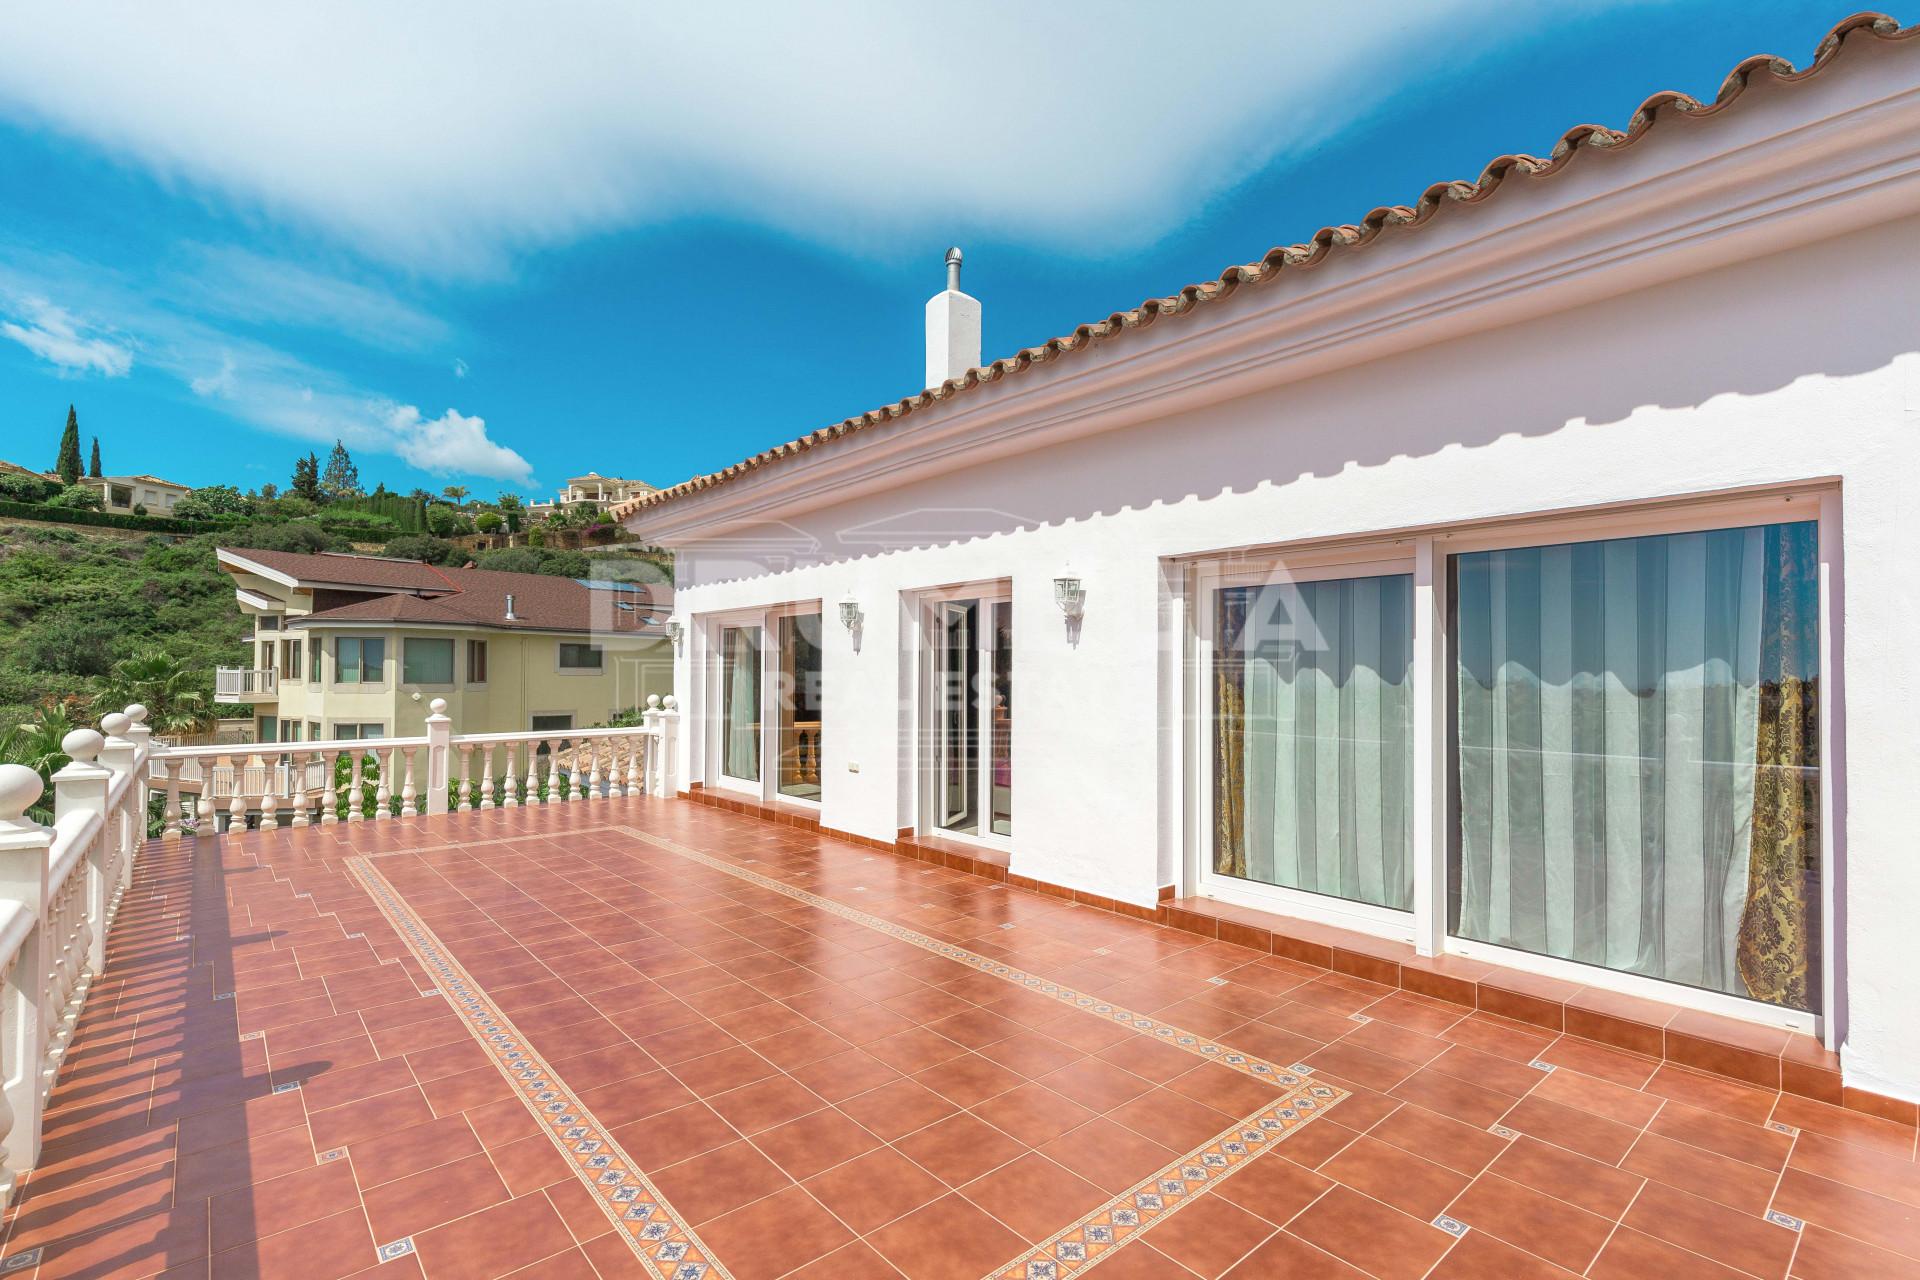 Attractive villa in el paraiso estepona for Villas otoch paraiso